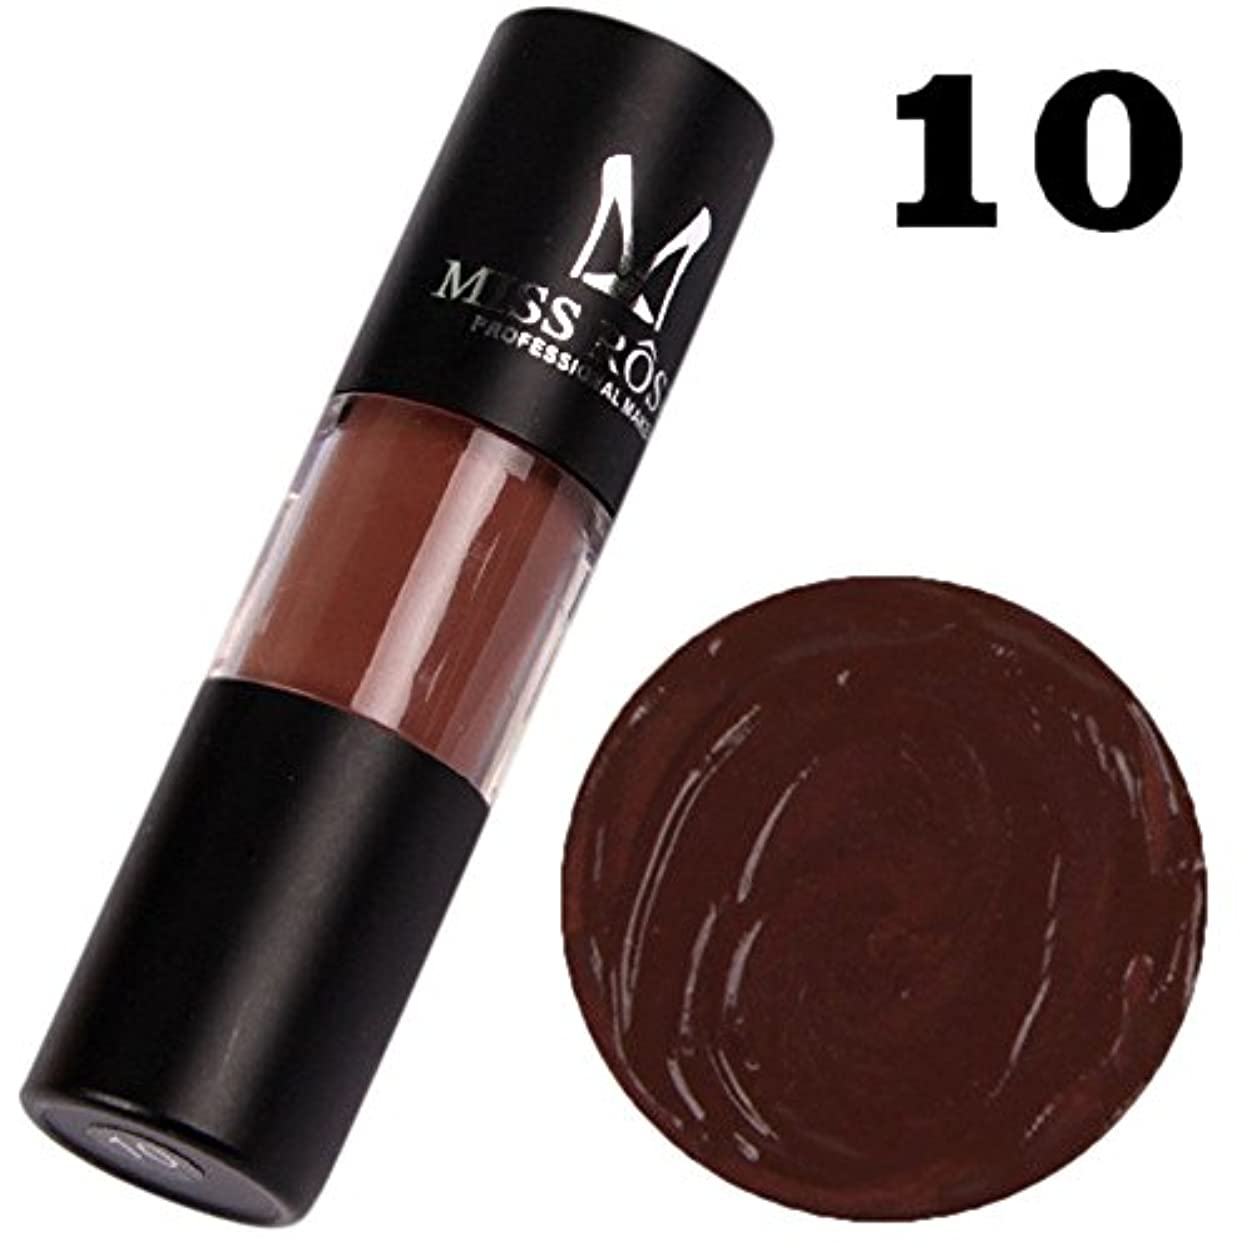 薬用処理する結論口紅 モイスチャライザー リキッド ベルベット リップスティック 化粧品 美容 リップクリーム 若い メイク リップバーム 液体 唇に塗っっていつもよりセクシー魅力を与えるルージュhuajuan